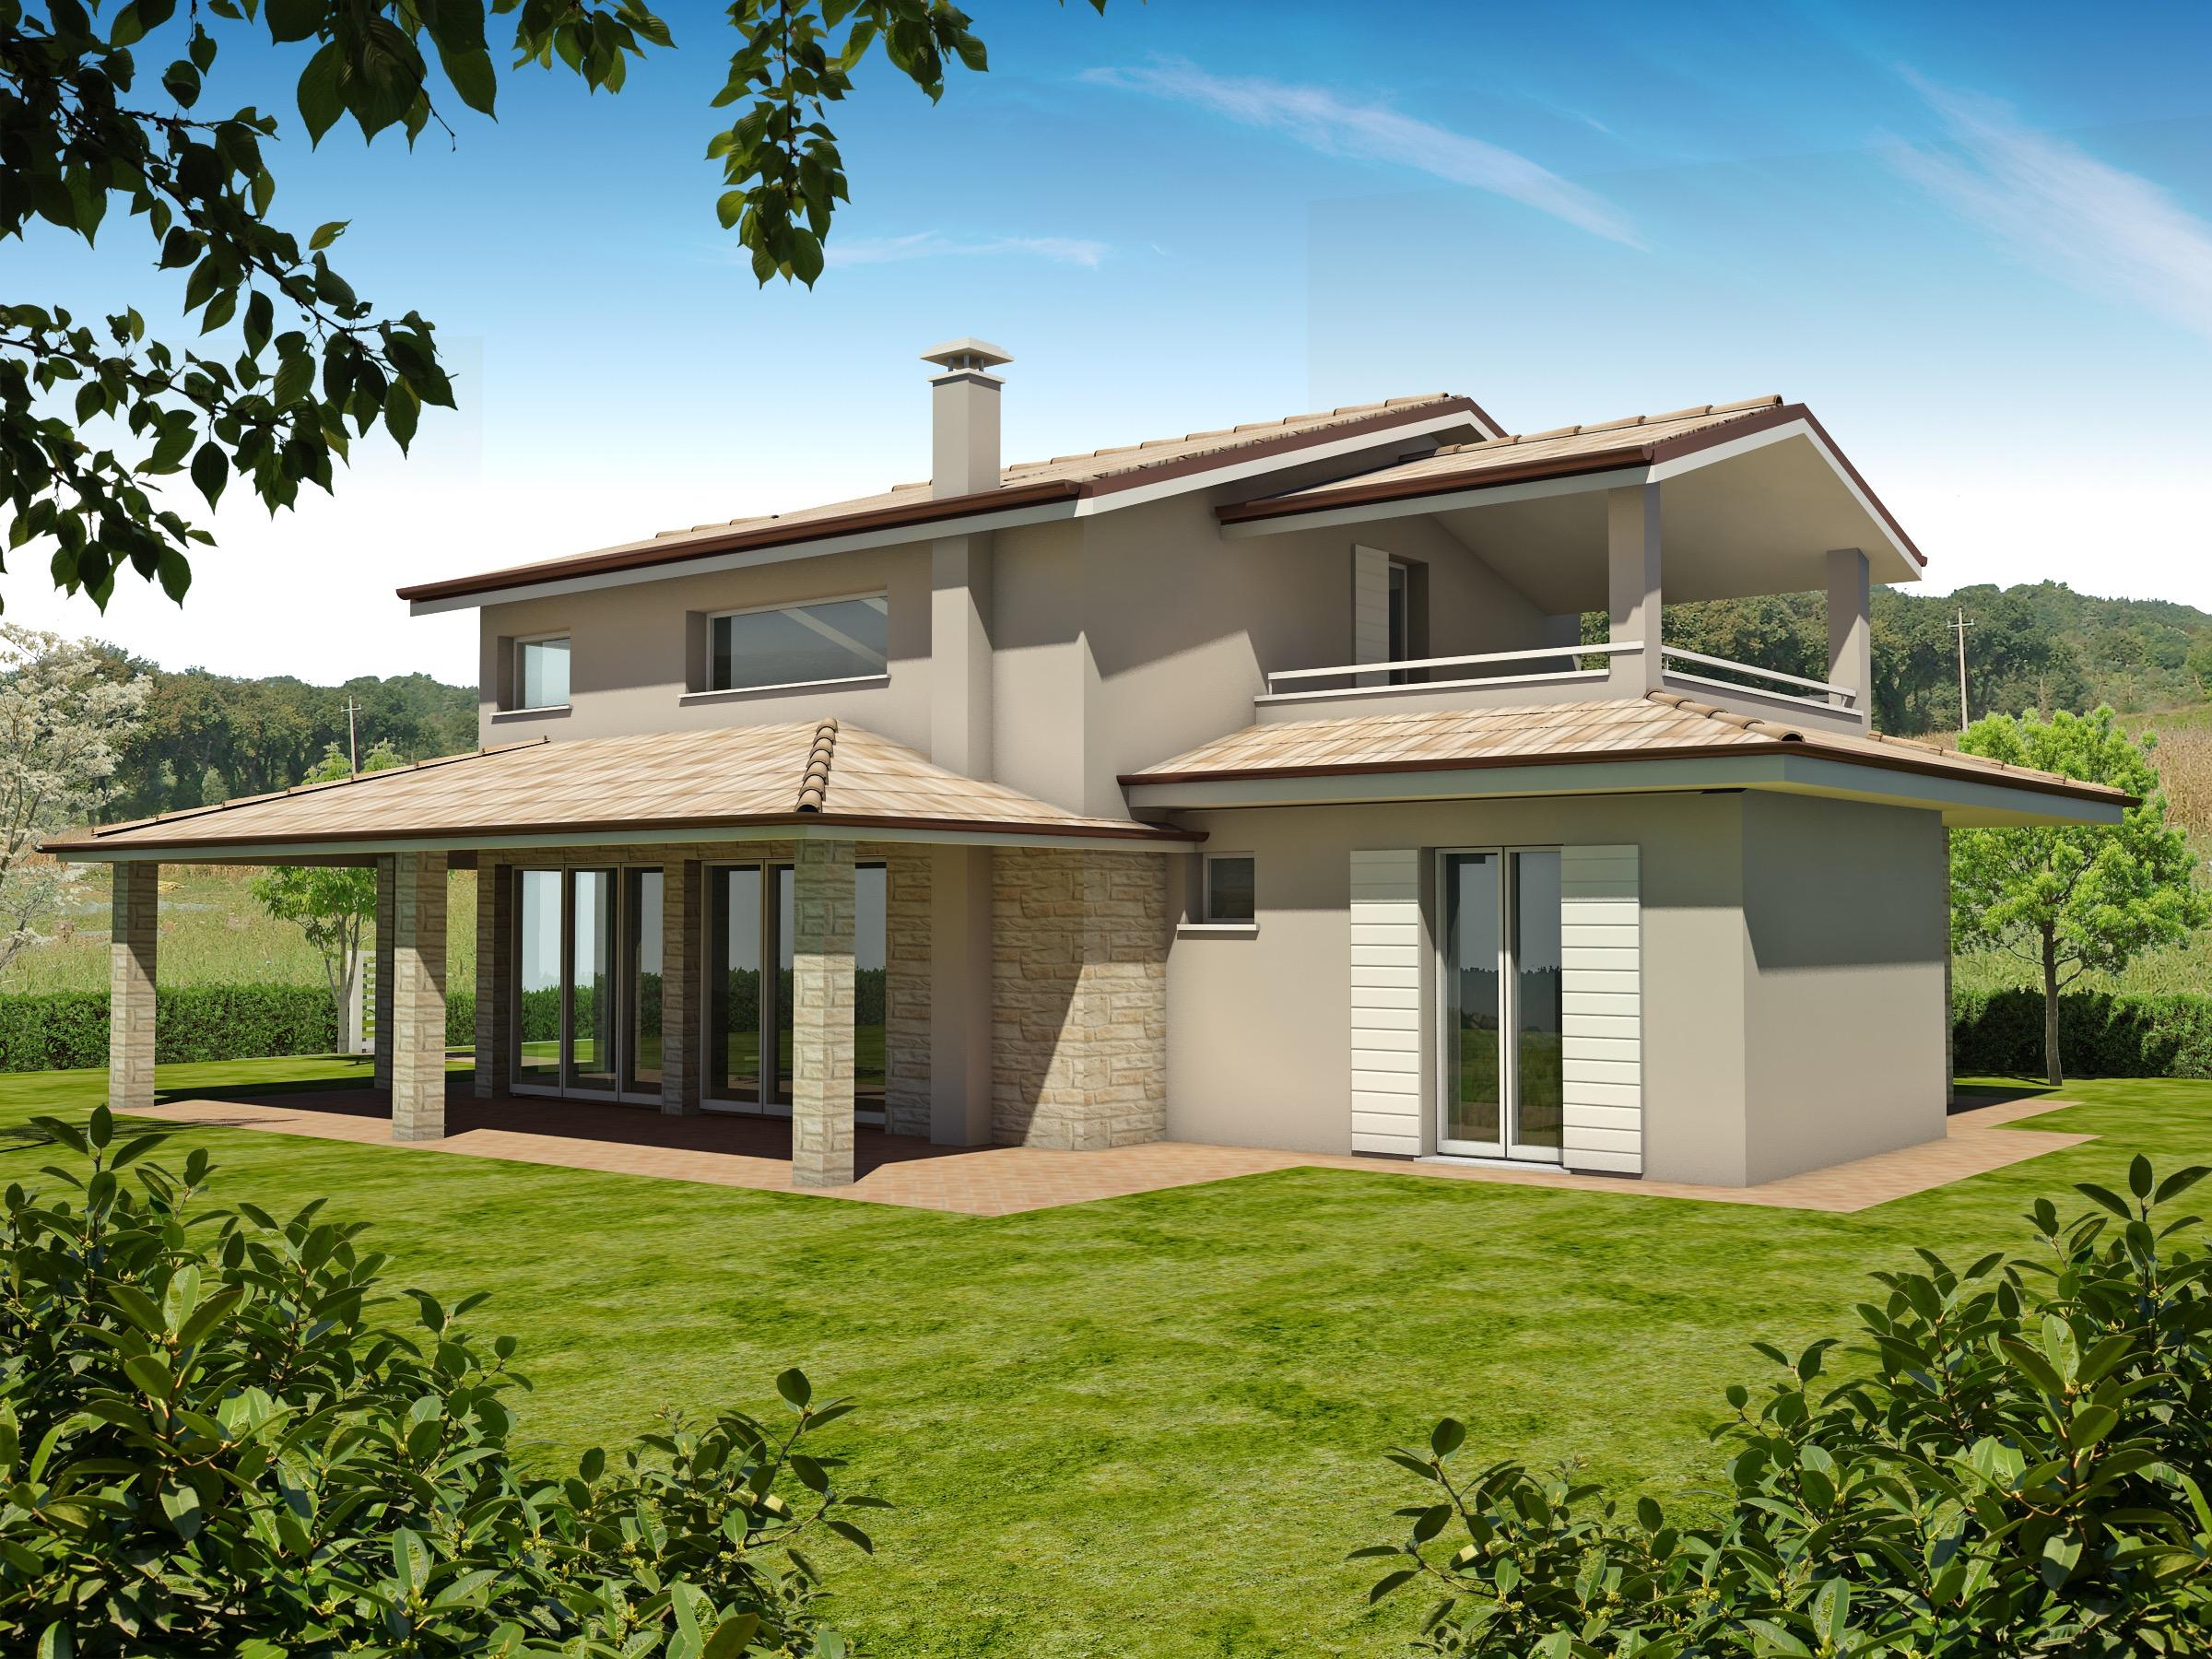 Elegant quanto costa una casa in legno solo euro la for Costo per costruire piani di casa